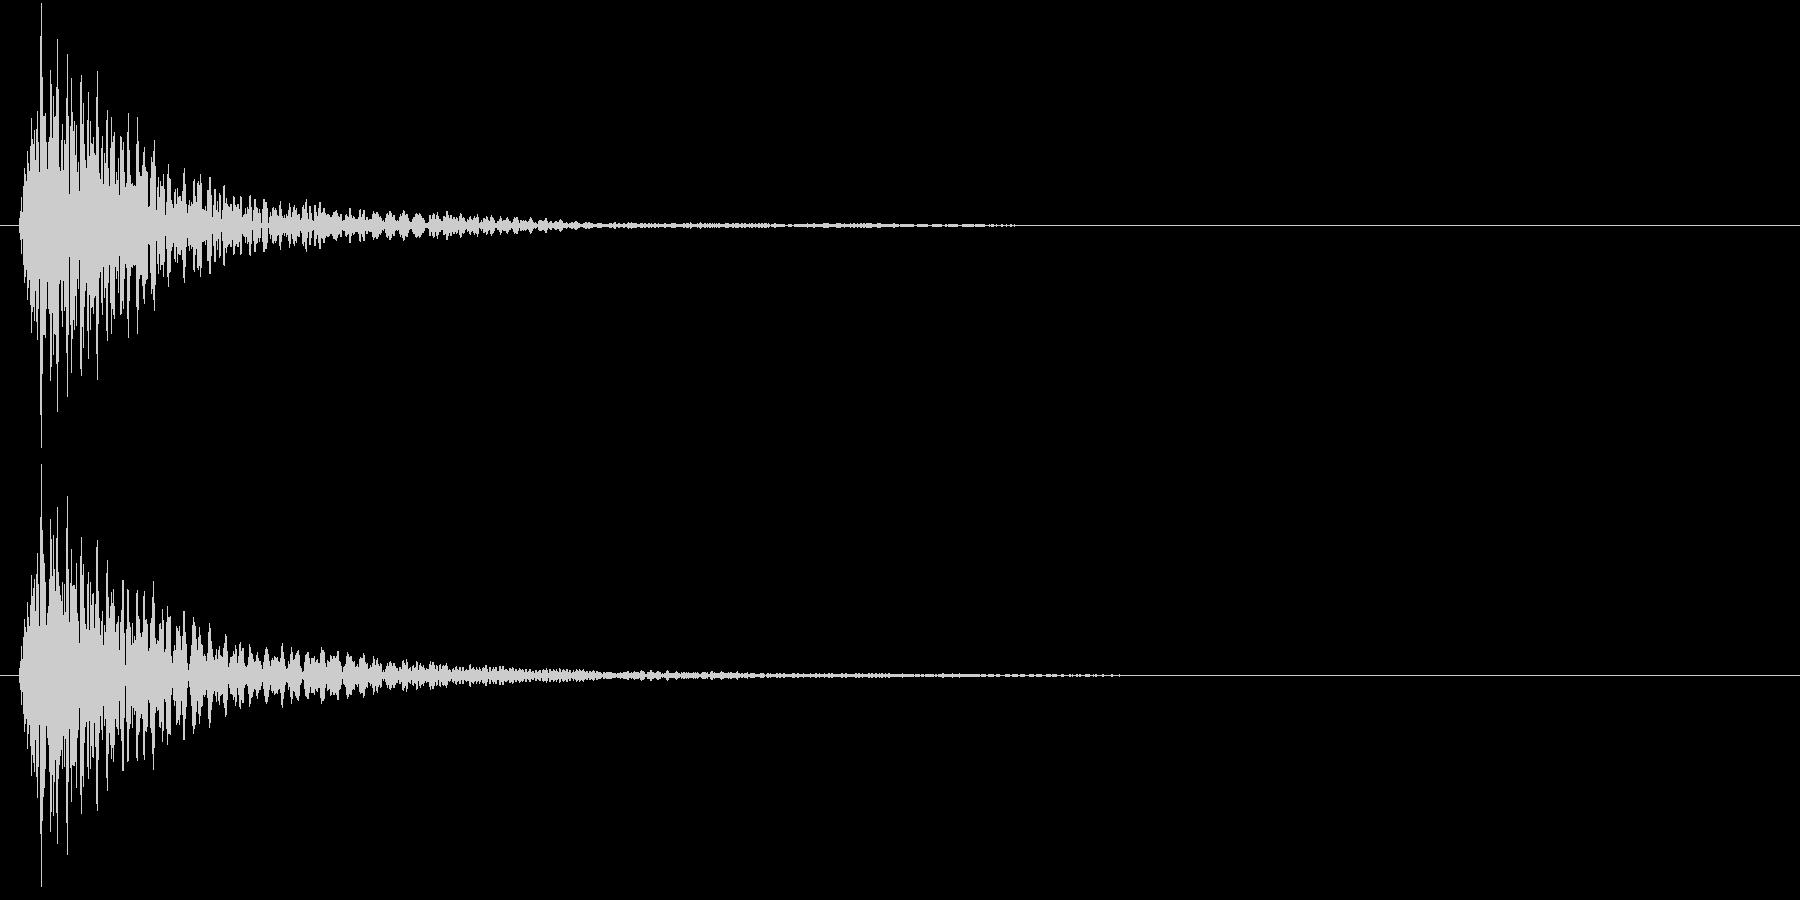 マリンバのクリック/キャンセル音の未再生の波形